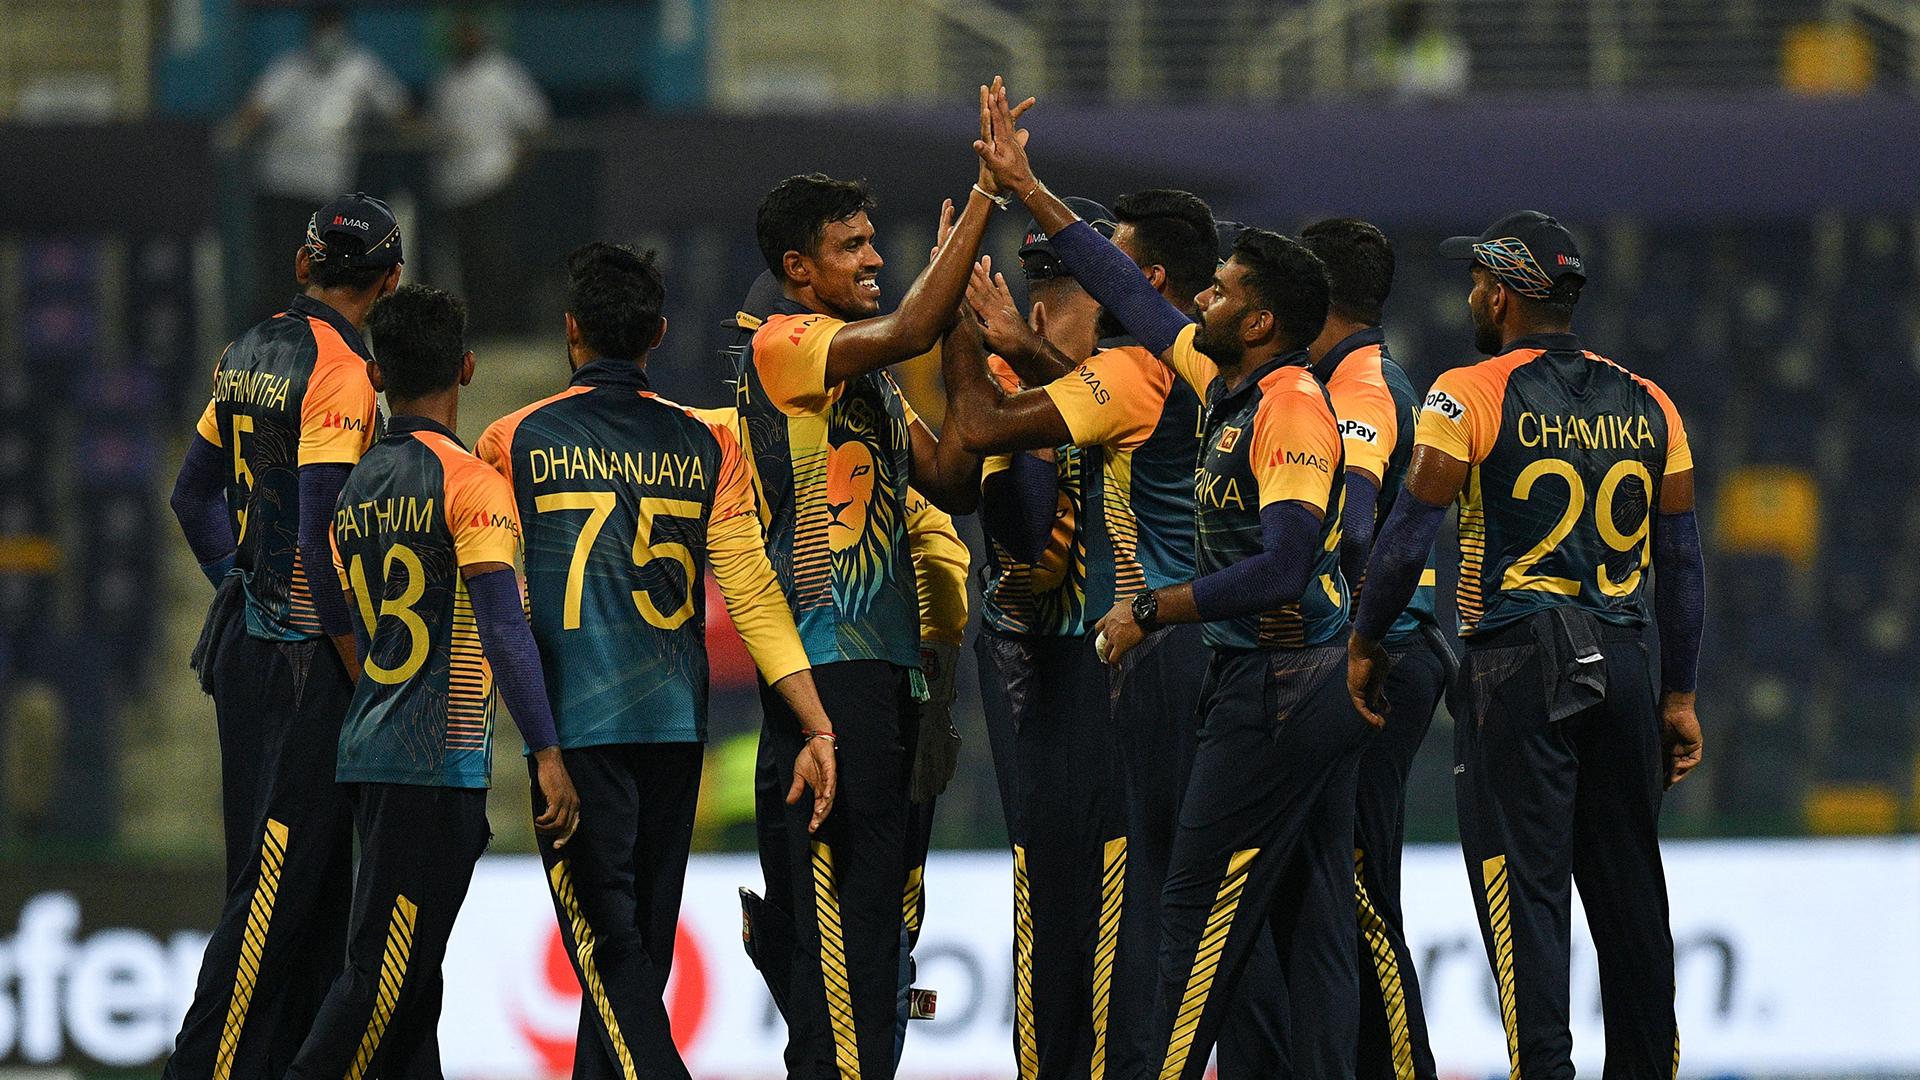 سری لنکا اور بنگلہ دیش جیت کے سلسلے کو برقرار رکھنے کے مقصد سے اتریں گے